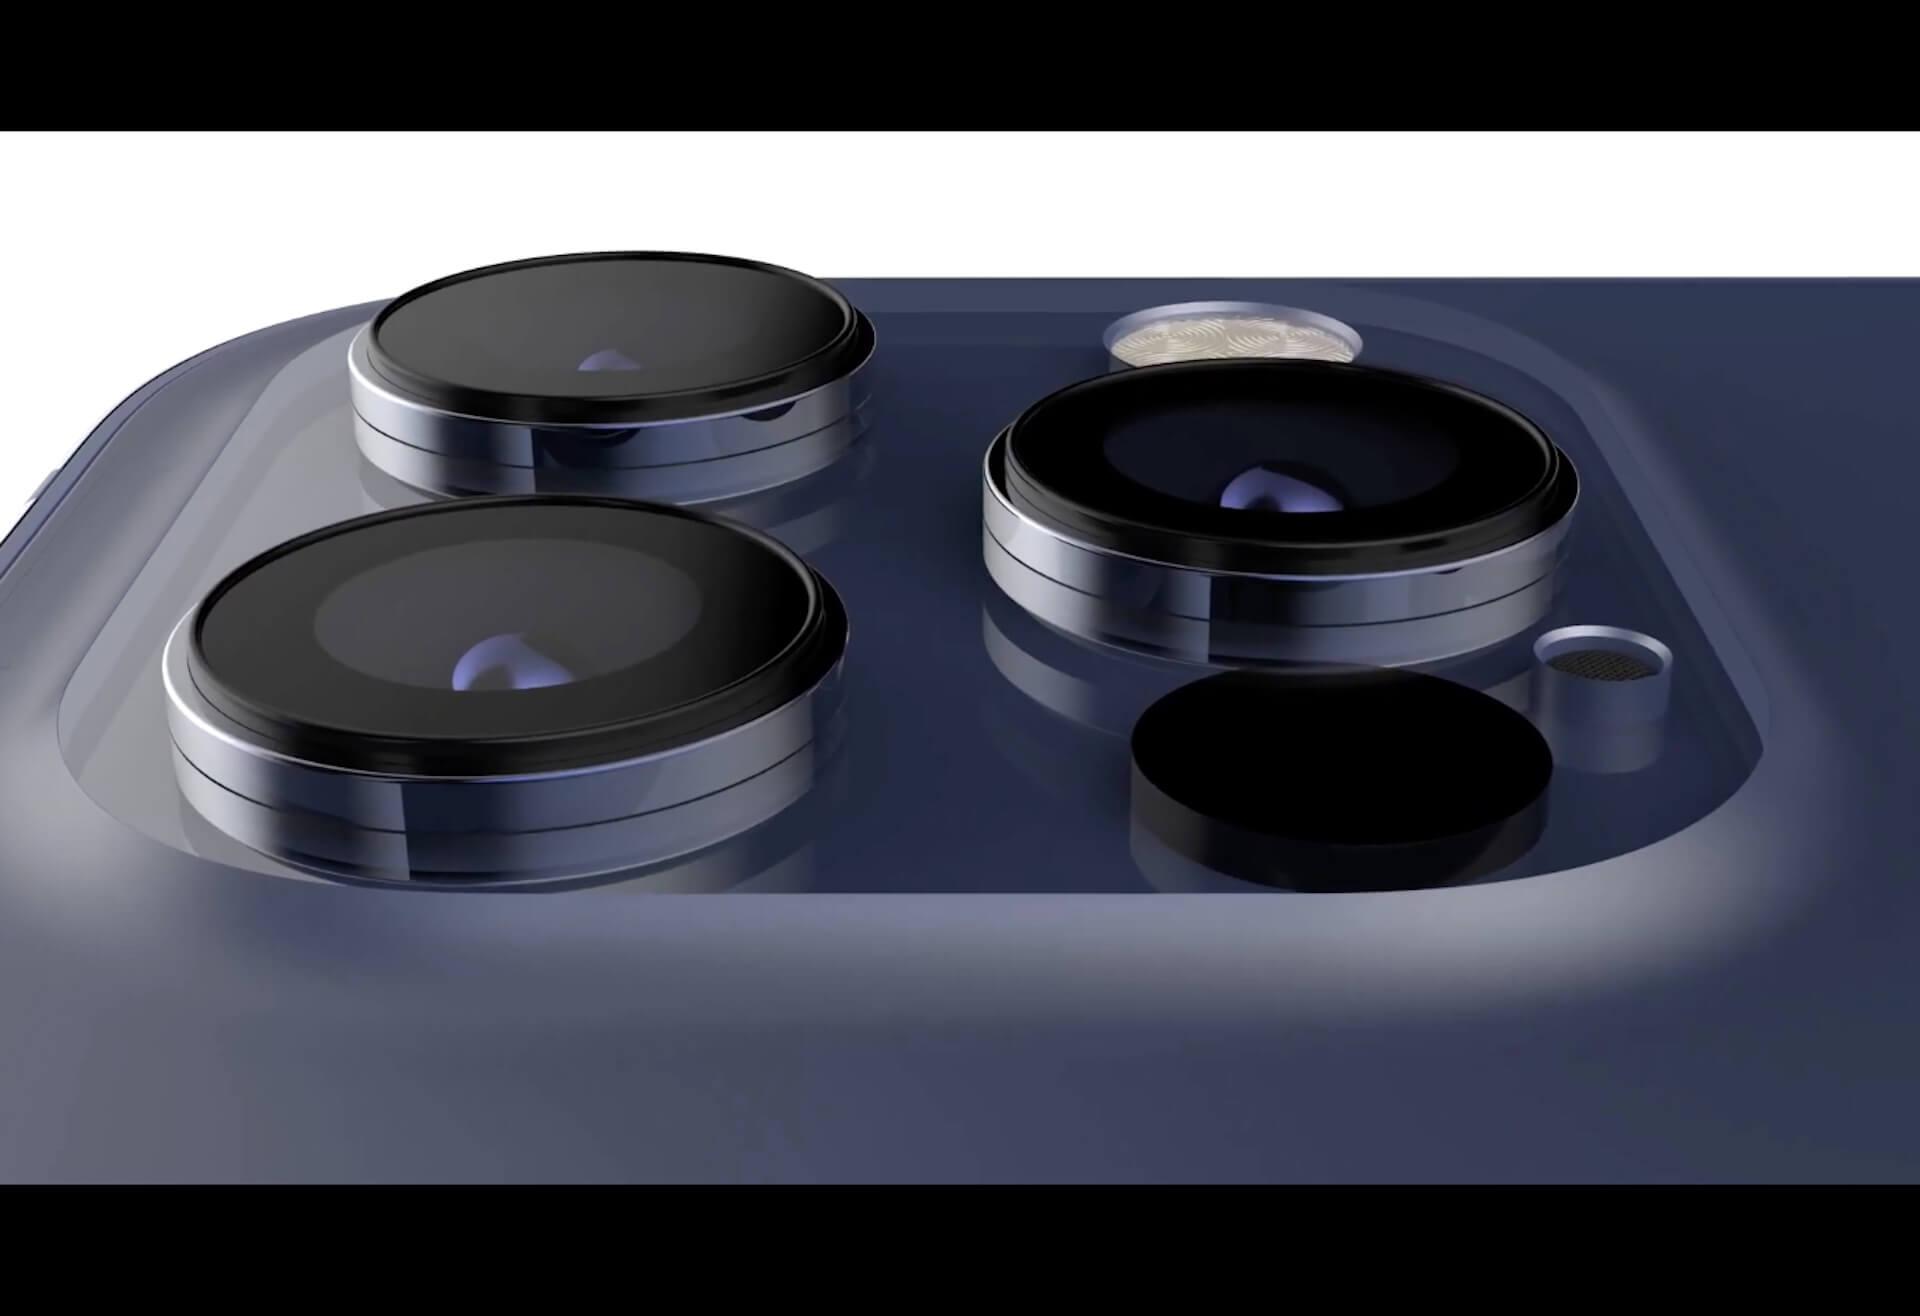 10月発表のiPhone 12 Proシリーズのリアカメラはこんな感じ?カメラバンプのサンプル画像が公開 tech200909_iphone12_main